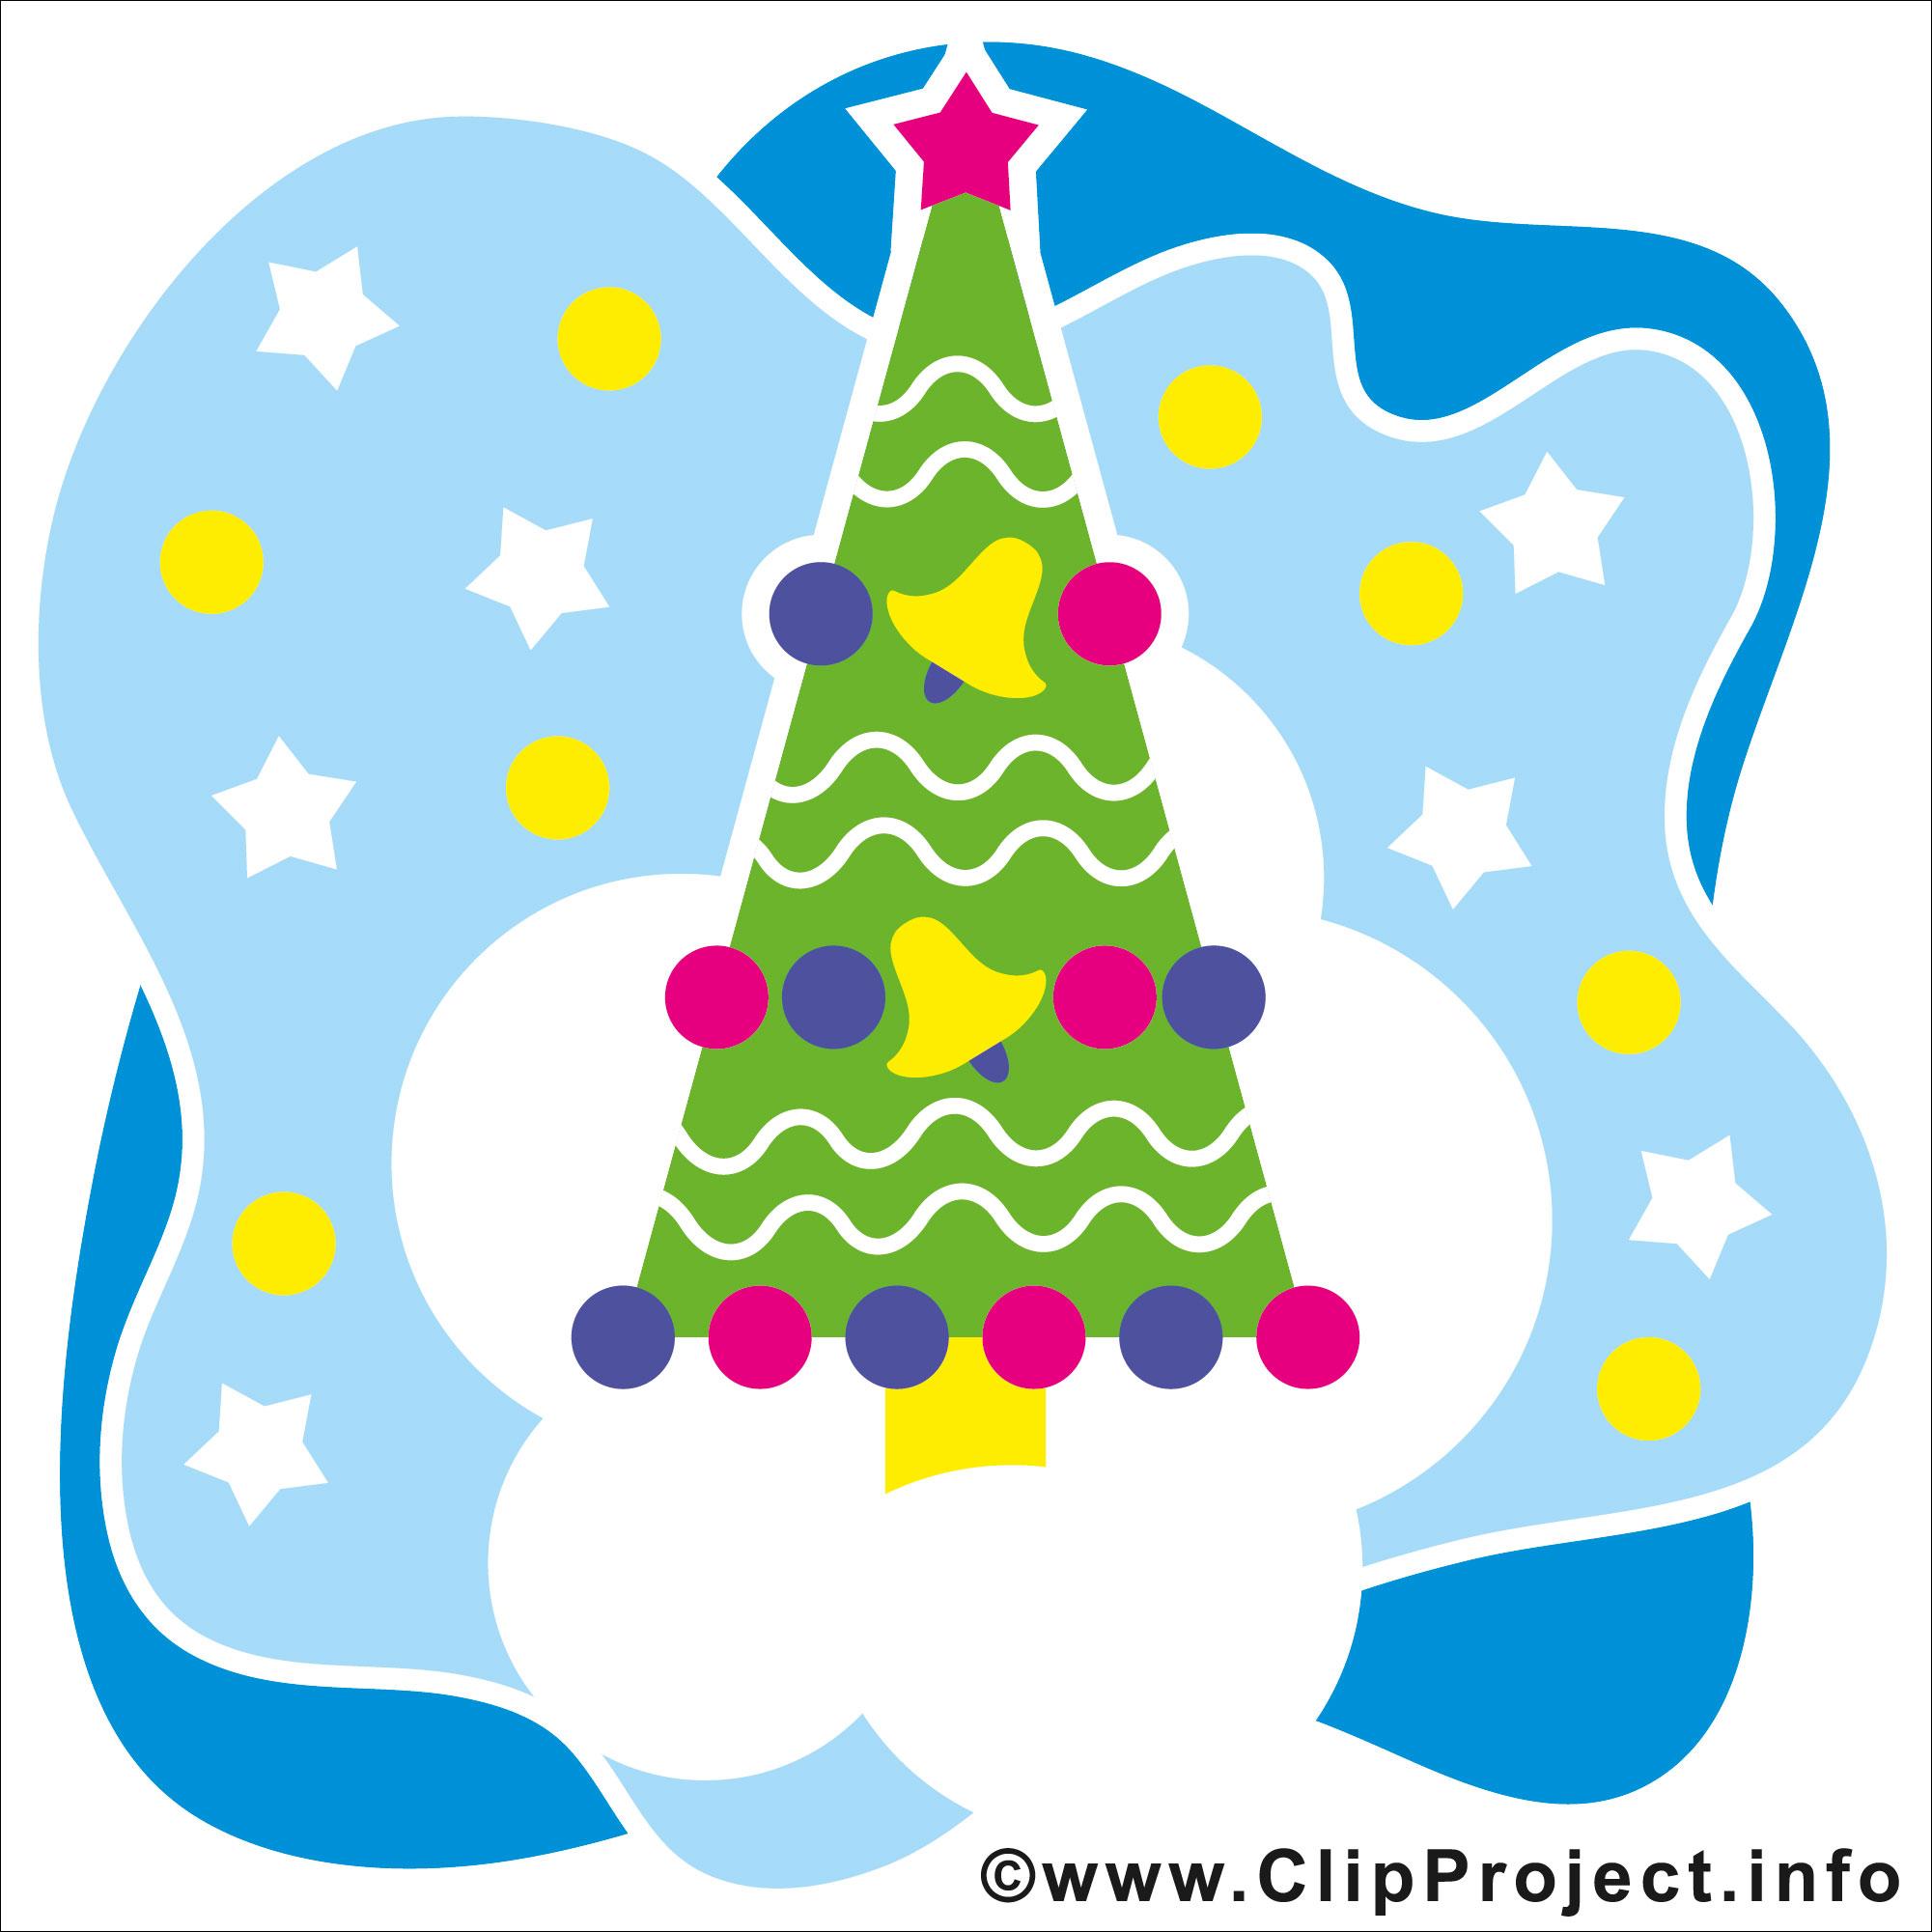 Cliparts zu weihnachten kostenlos clipart transparent stock Weihnachtsbilder Bilder, Cliparts, Cartoons, Grafiken ... clipart transparent stock